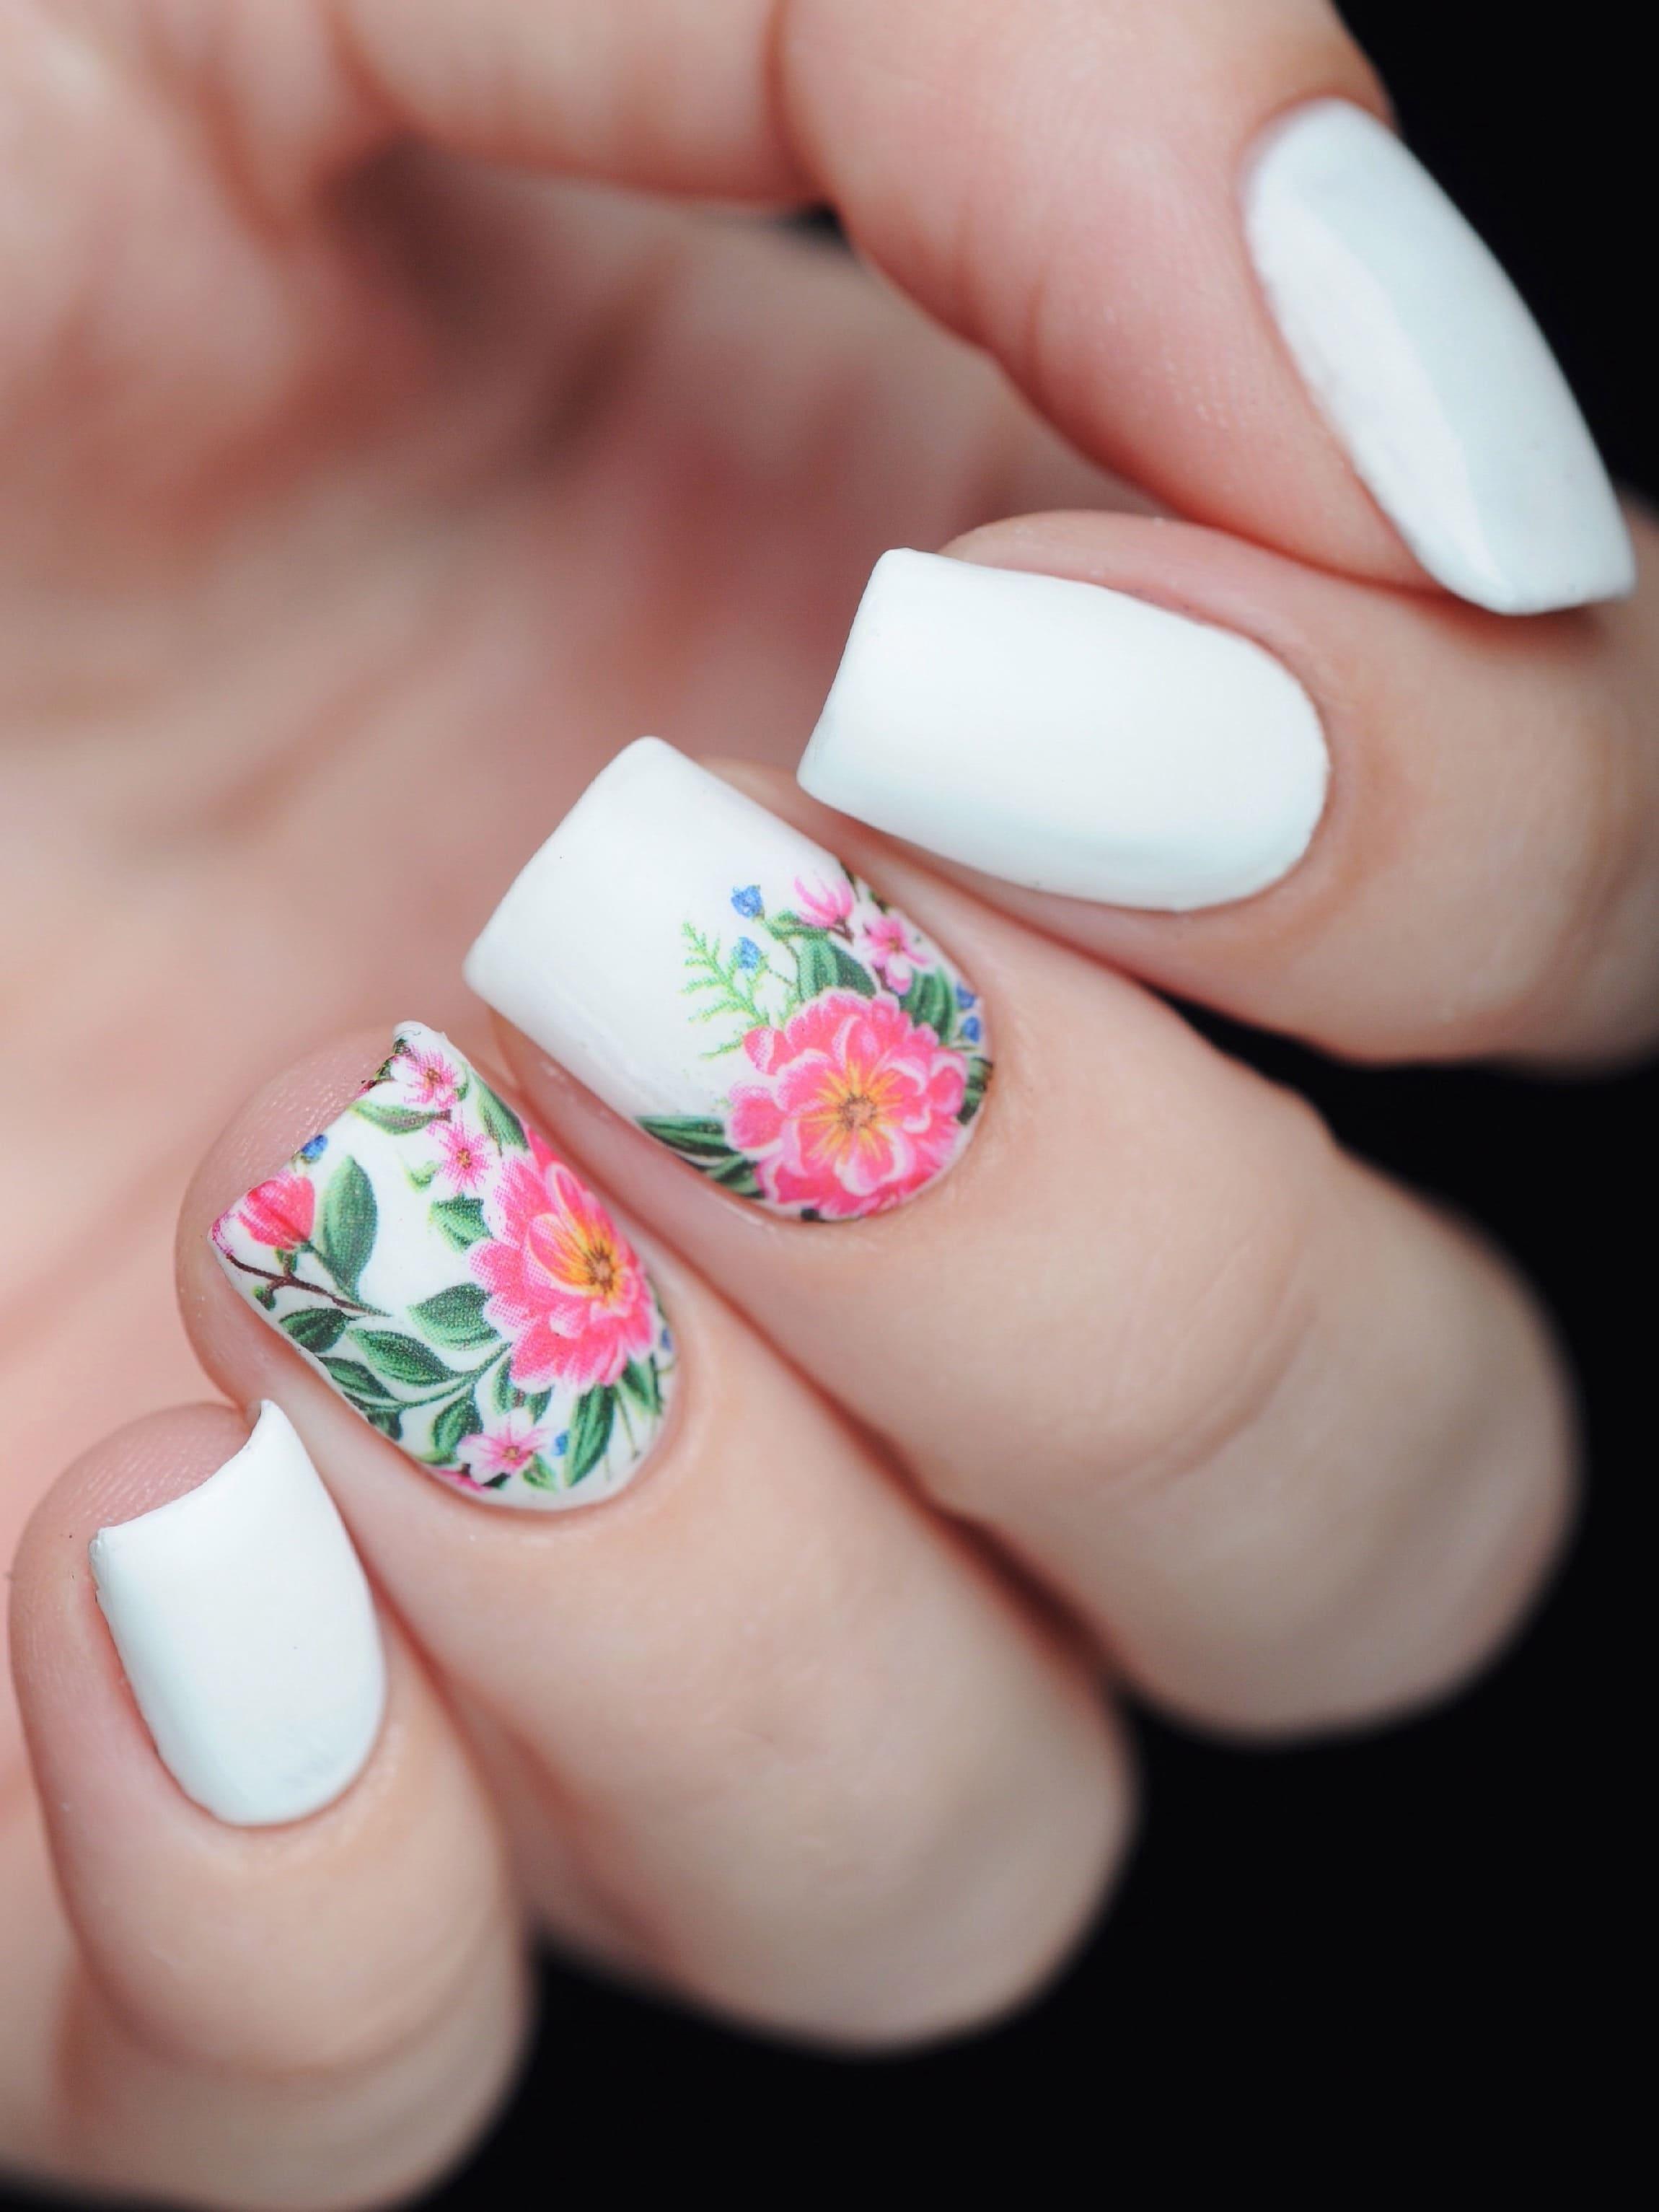 Nail Arts Designs - 5